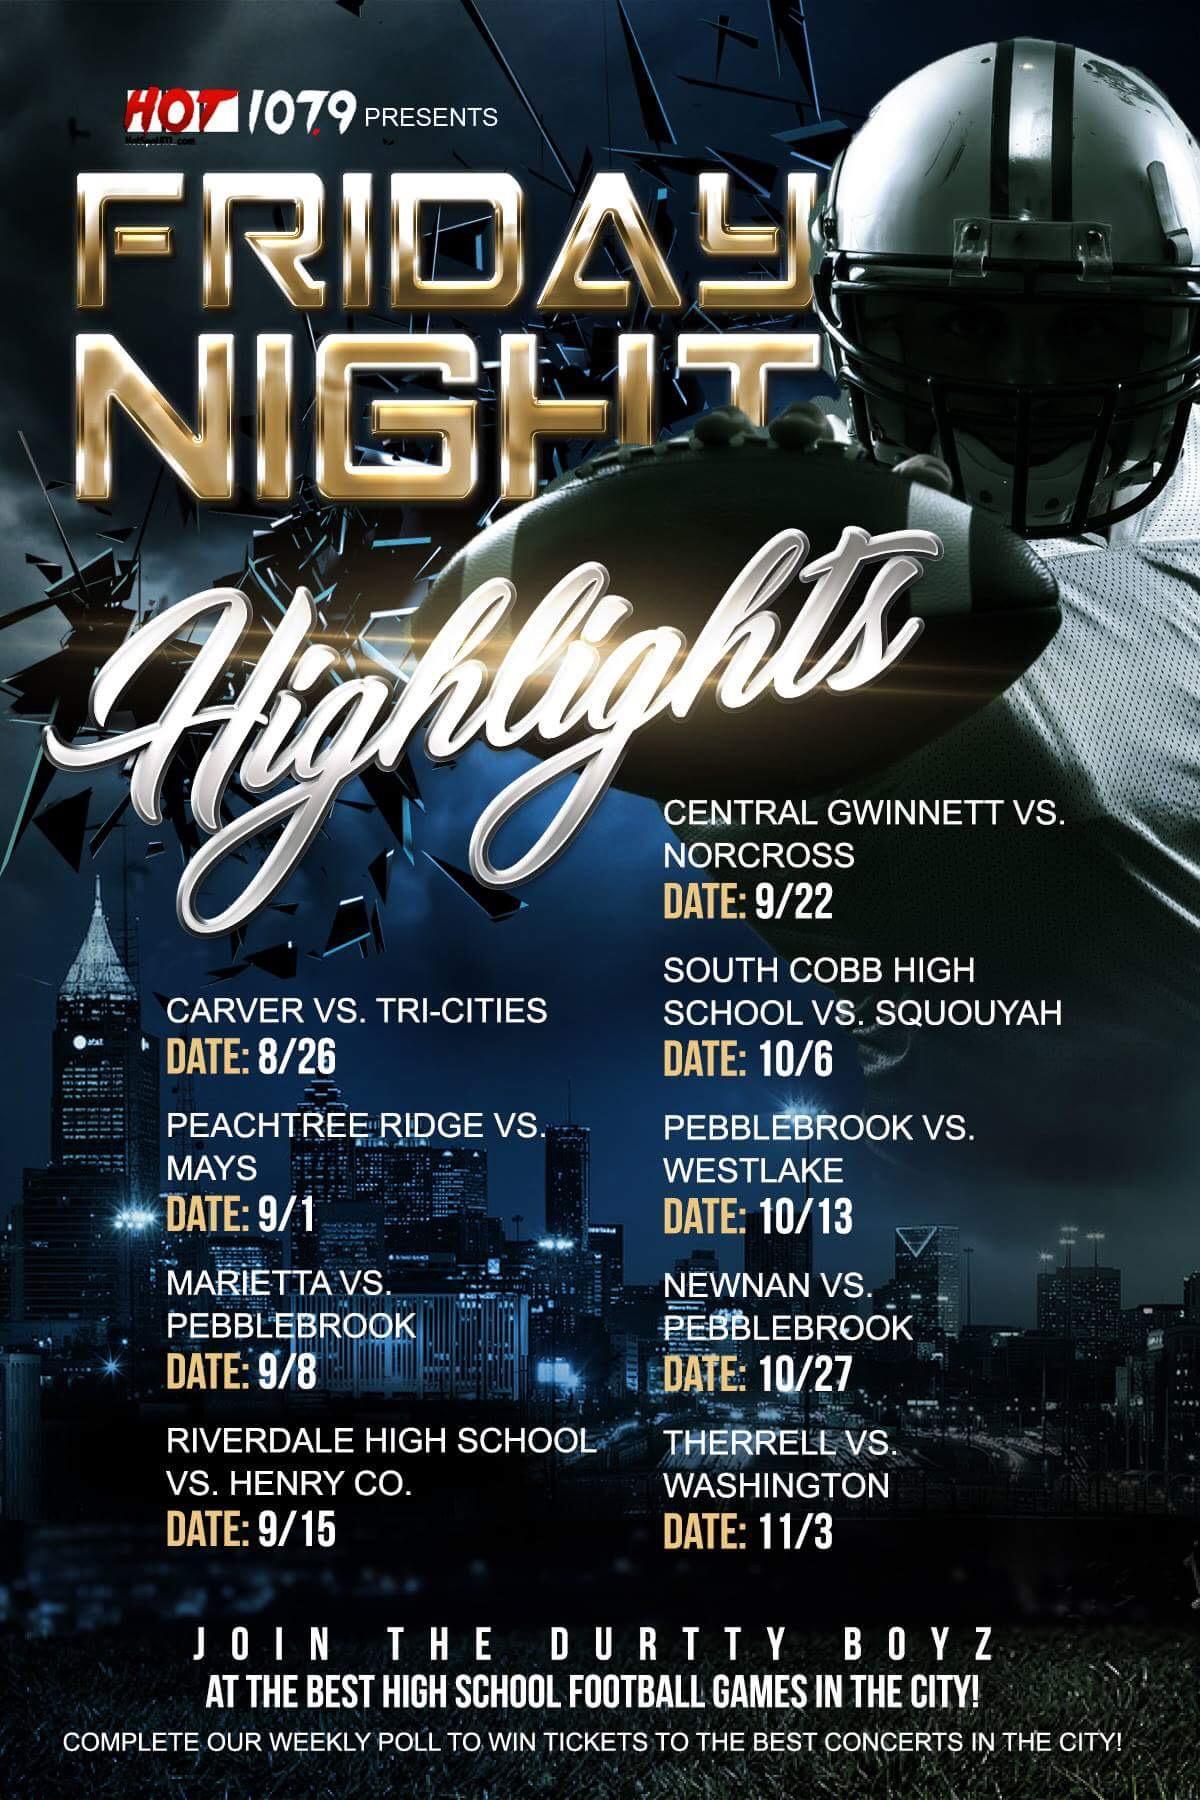 Fright Night Highlight